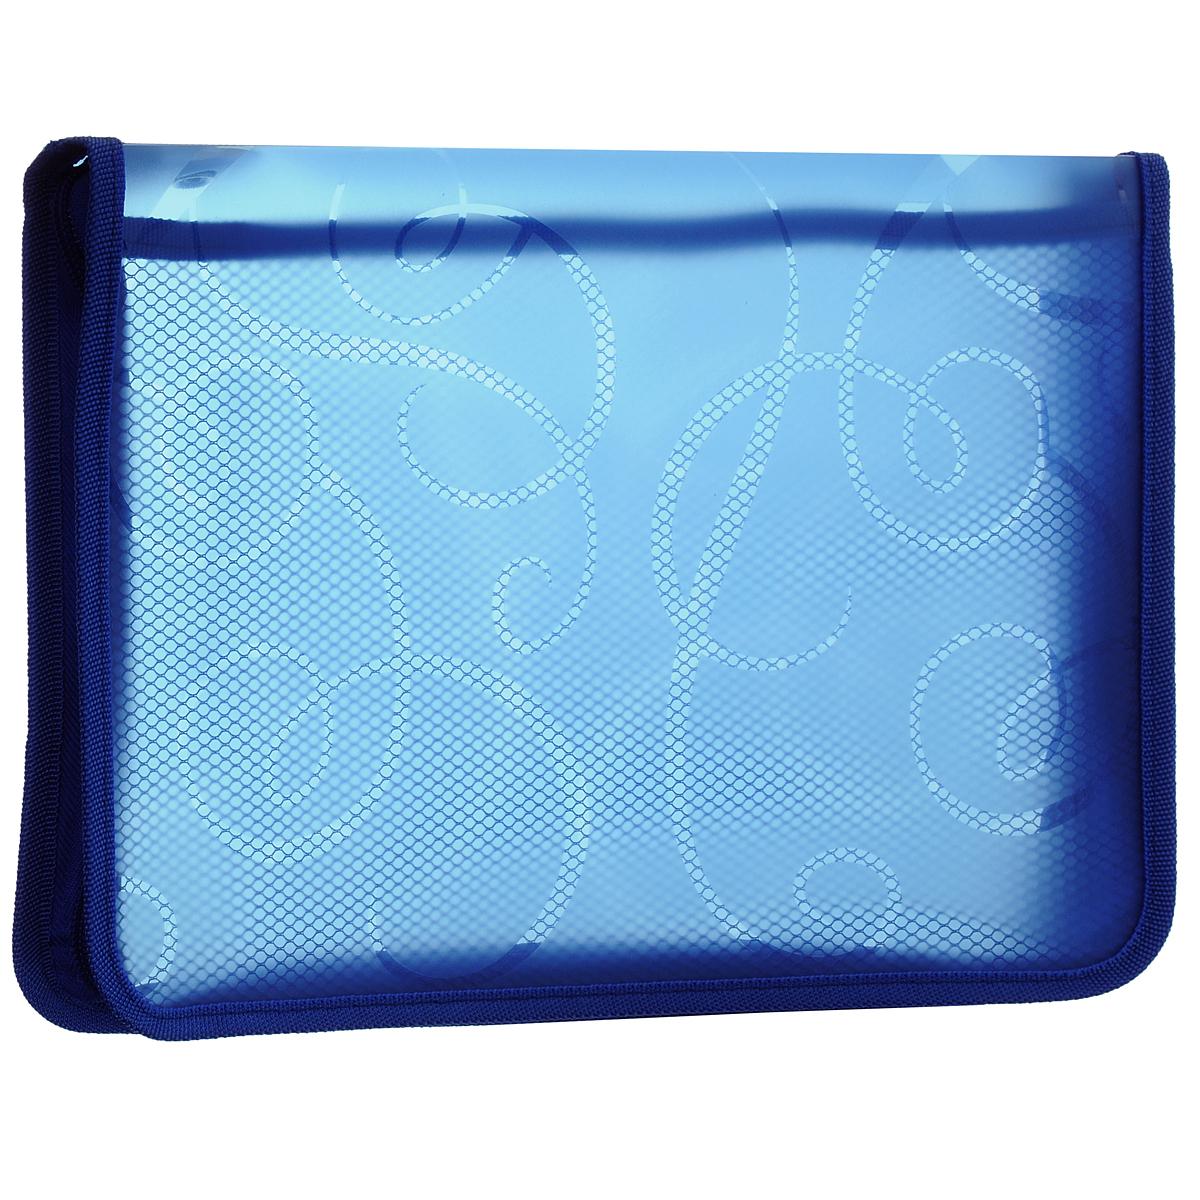 Папка для тетрадей Centrum, на молнии, цвет: синий. Формат А4. 8090080900СПапка для тетрадей Centrum - это удобный и функциональный офисный инструмент, предназначенный для хранения и транспортировки рабочих бумаг и документов формата А4, а также тетрадей и канцелярских принадлежностей.Папка изготовлена из прочного высококачественного пластика, закрывается на круговую застежку-молнию. Папка состоит из одного отделения, внутри расположен открытый карман-сеточка. Папка оформлена оригинальным принтом в виде спиралей. Папка имеет опрятный и неброский вид. Края папки отделаны полиэстером, а уголки имеют закругленную форму, что предотвращает их загибание и помогает надолго сохранить опрятный вид обложки.Папка - это незаменимый атрибут для любого студента, школьника или офисного работника. Такая папка надежно сохранит ваши бумаги и сбережет их от повреждений, пыли и влаги.